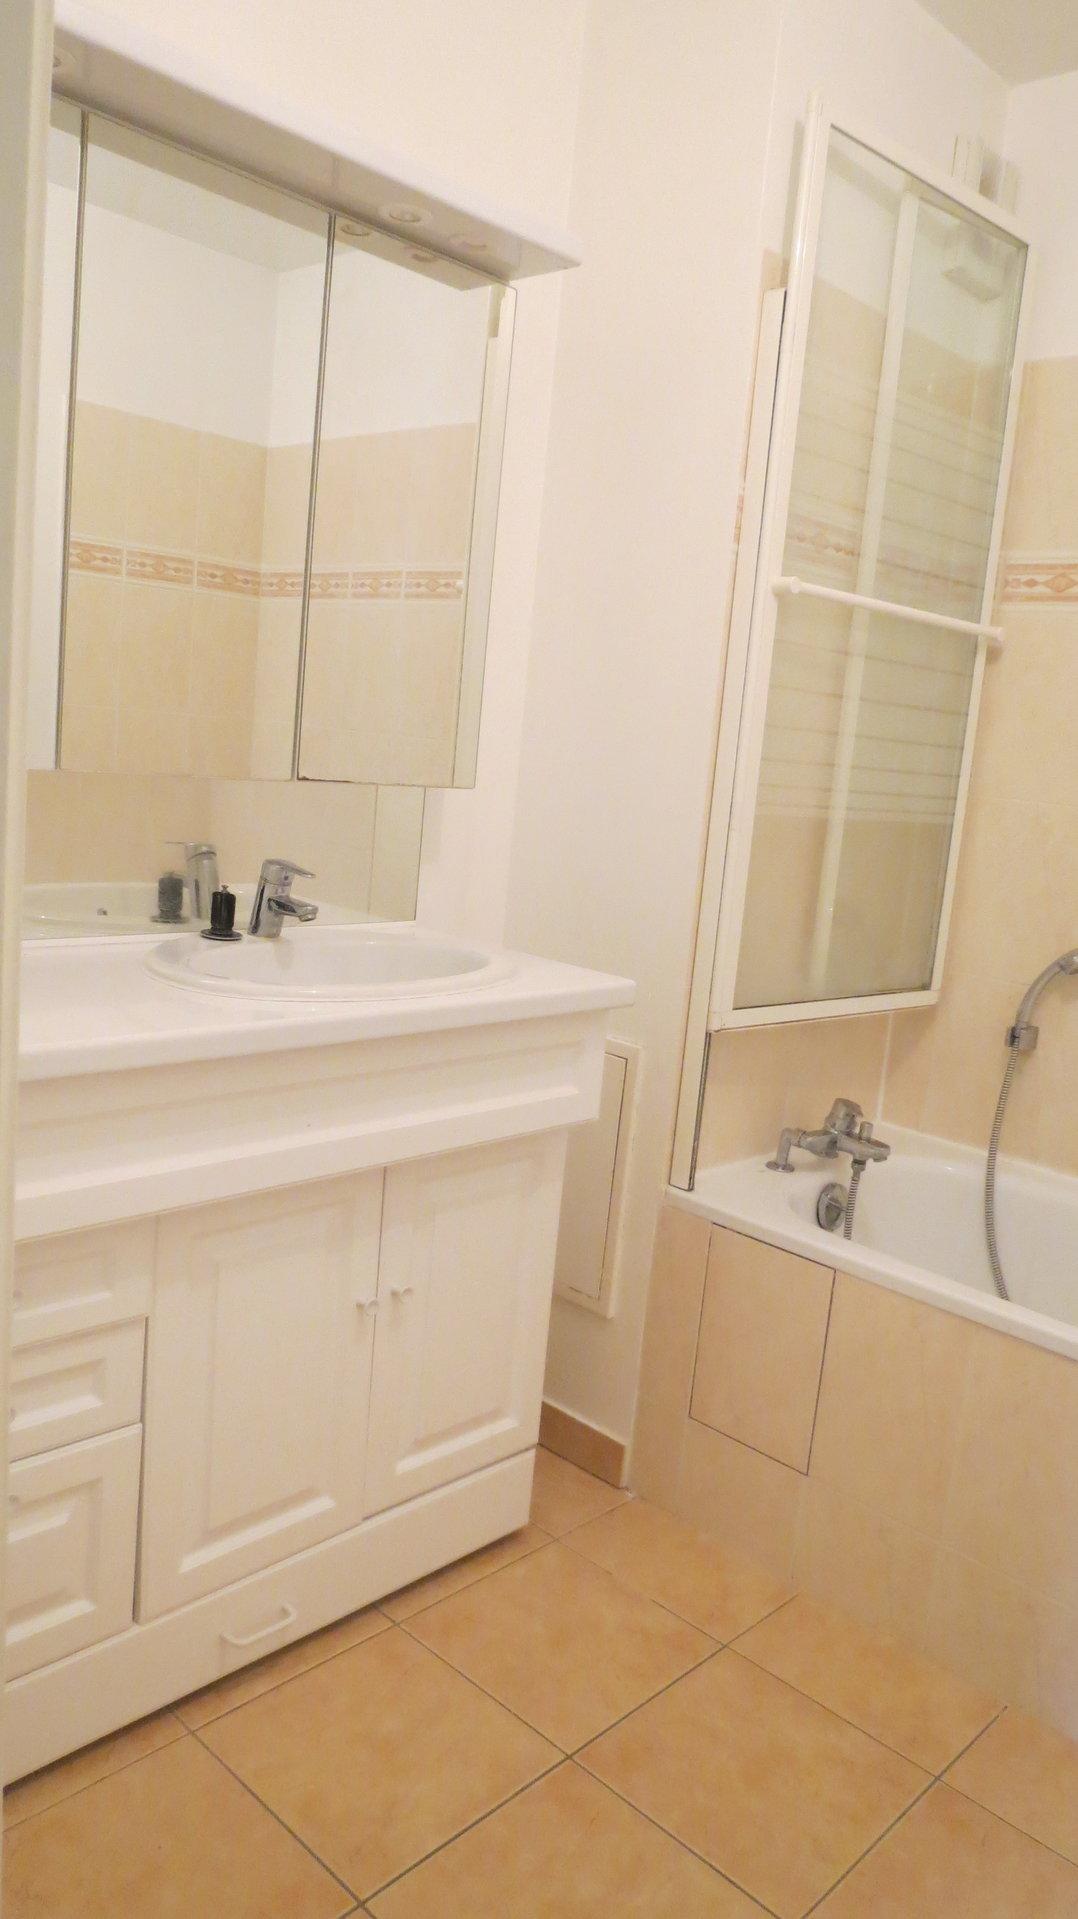 Appartement 2 pièces de 47 m² avec terrasse et jardin de 24 m²